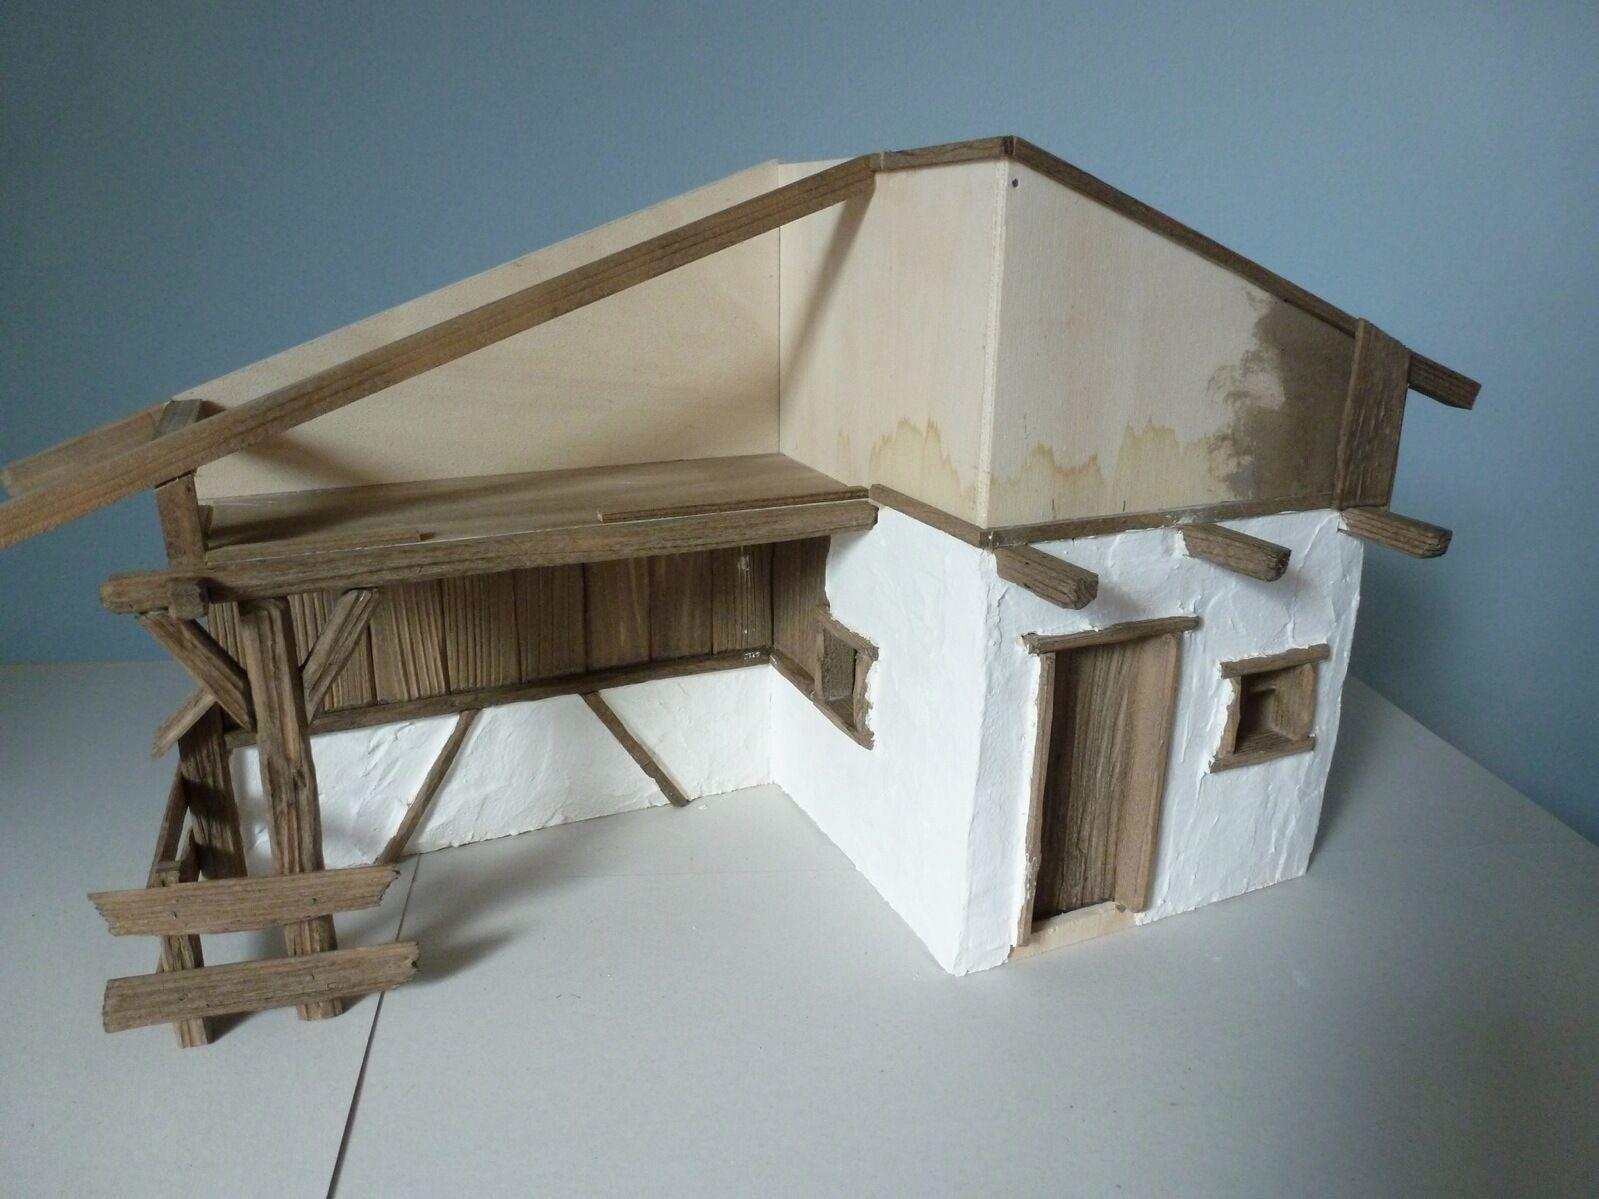 Krippenbausatz   Krippe Almbach Almbach Almbach   Bausatz zum Krippe selber bauen   ohne Deko 883a4c